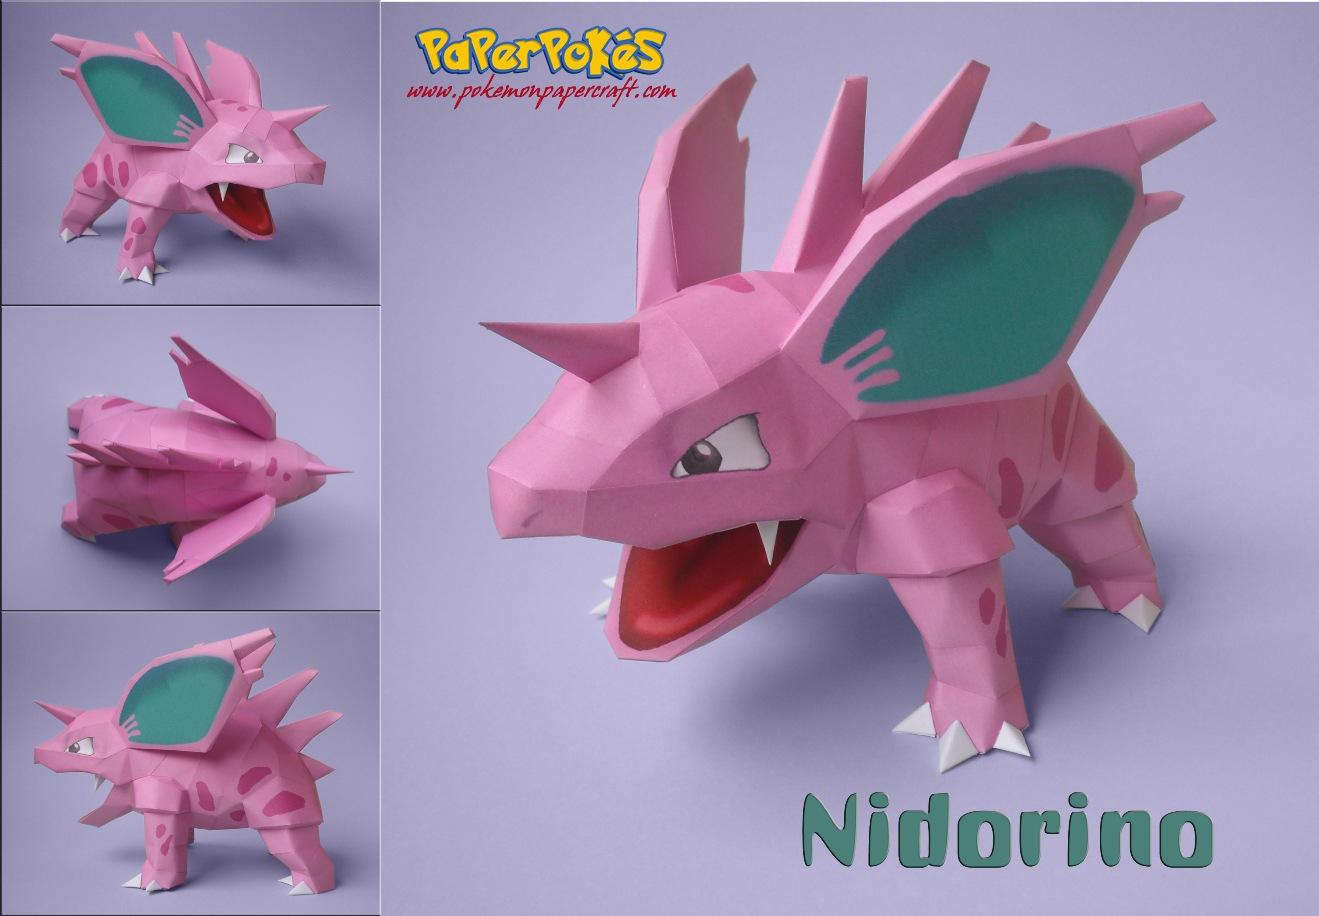 Paperpokés - Pokémon Papercraft: NIDORINOV2